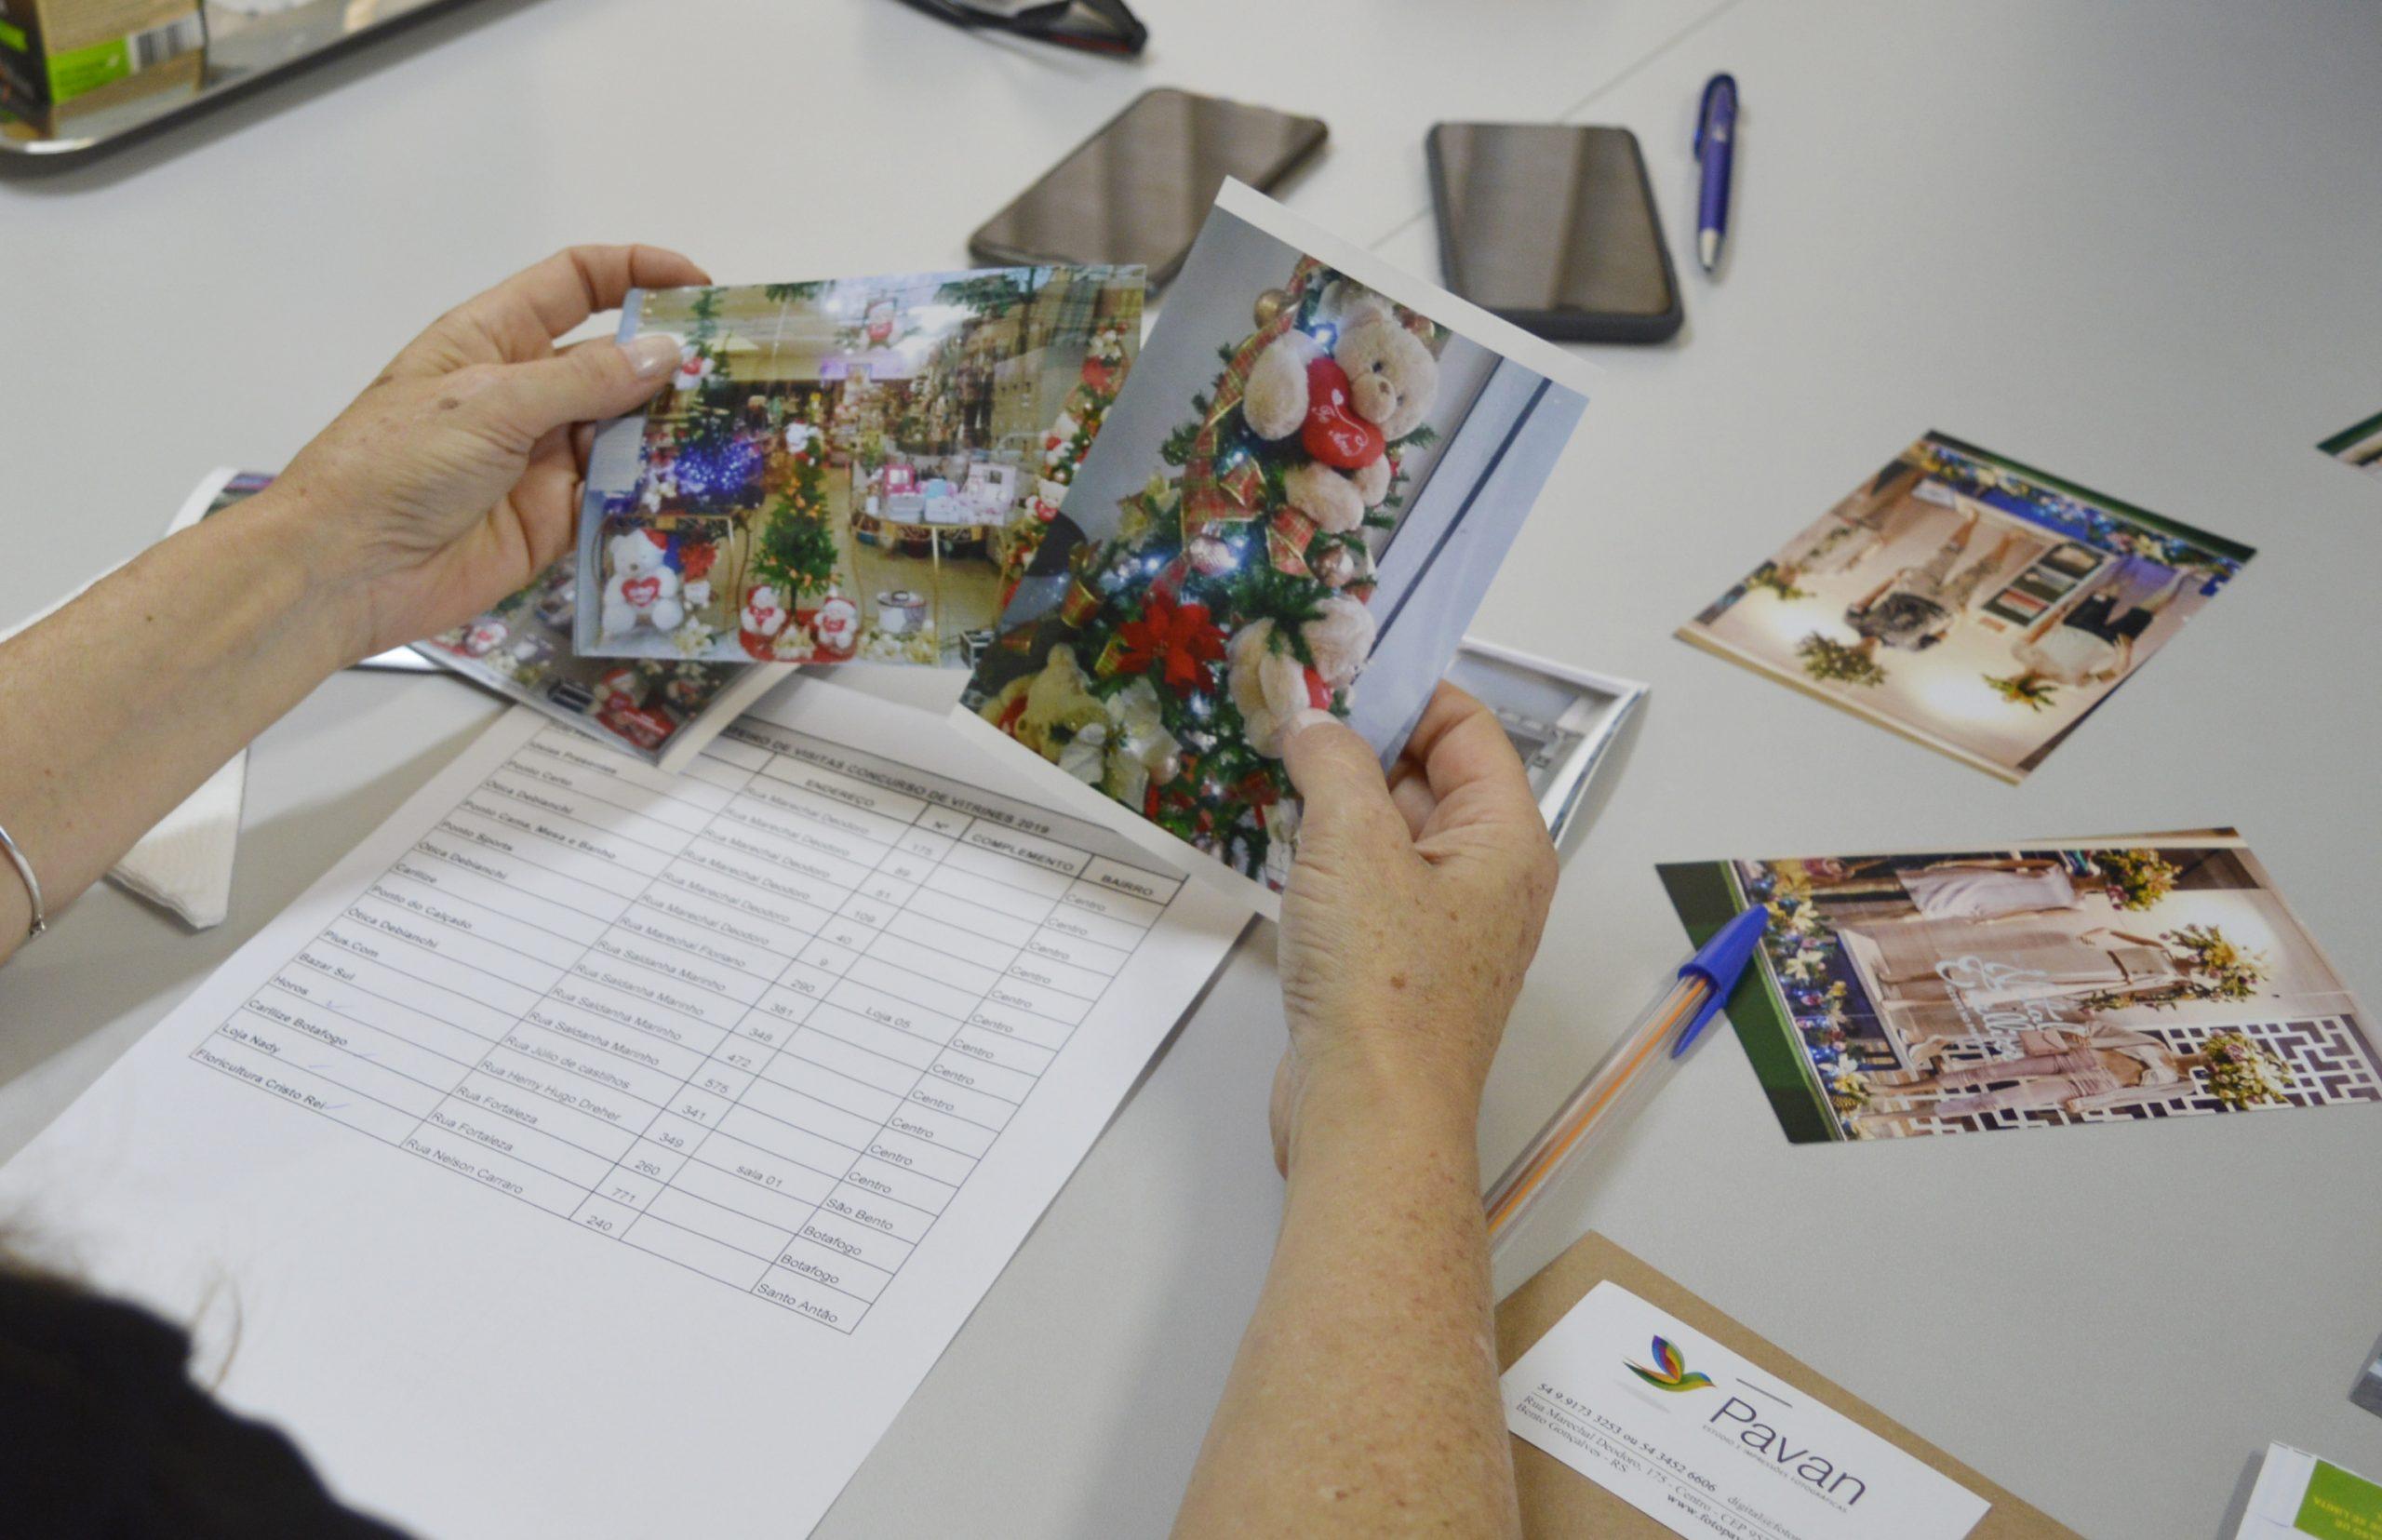 Lojistas Tem De 18 De Novembro A 07 De Dezembro Para Se Inscrever No Concurso De Vitrines Da CDL BG – Crédito Exata Comunicação